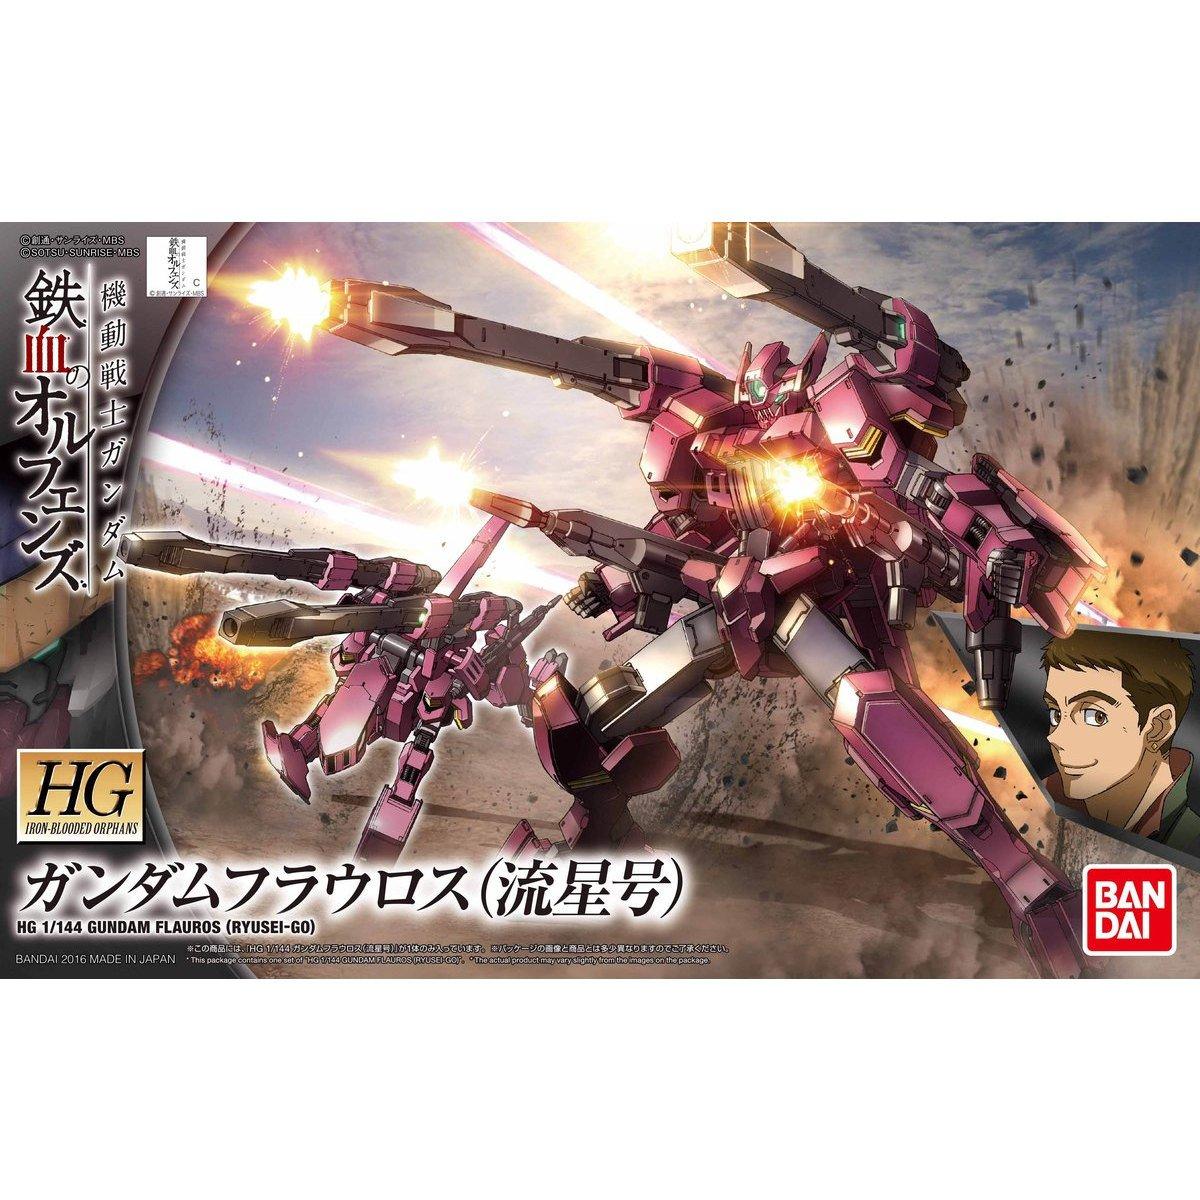 Escala 1//144 Bandai Hobby IBO HG Gundam flauros Kit de construcci/ón IBO 2/ª Temporada